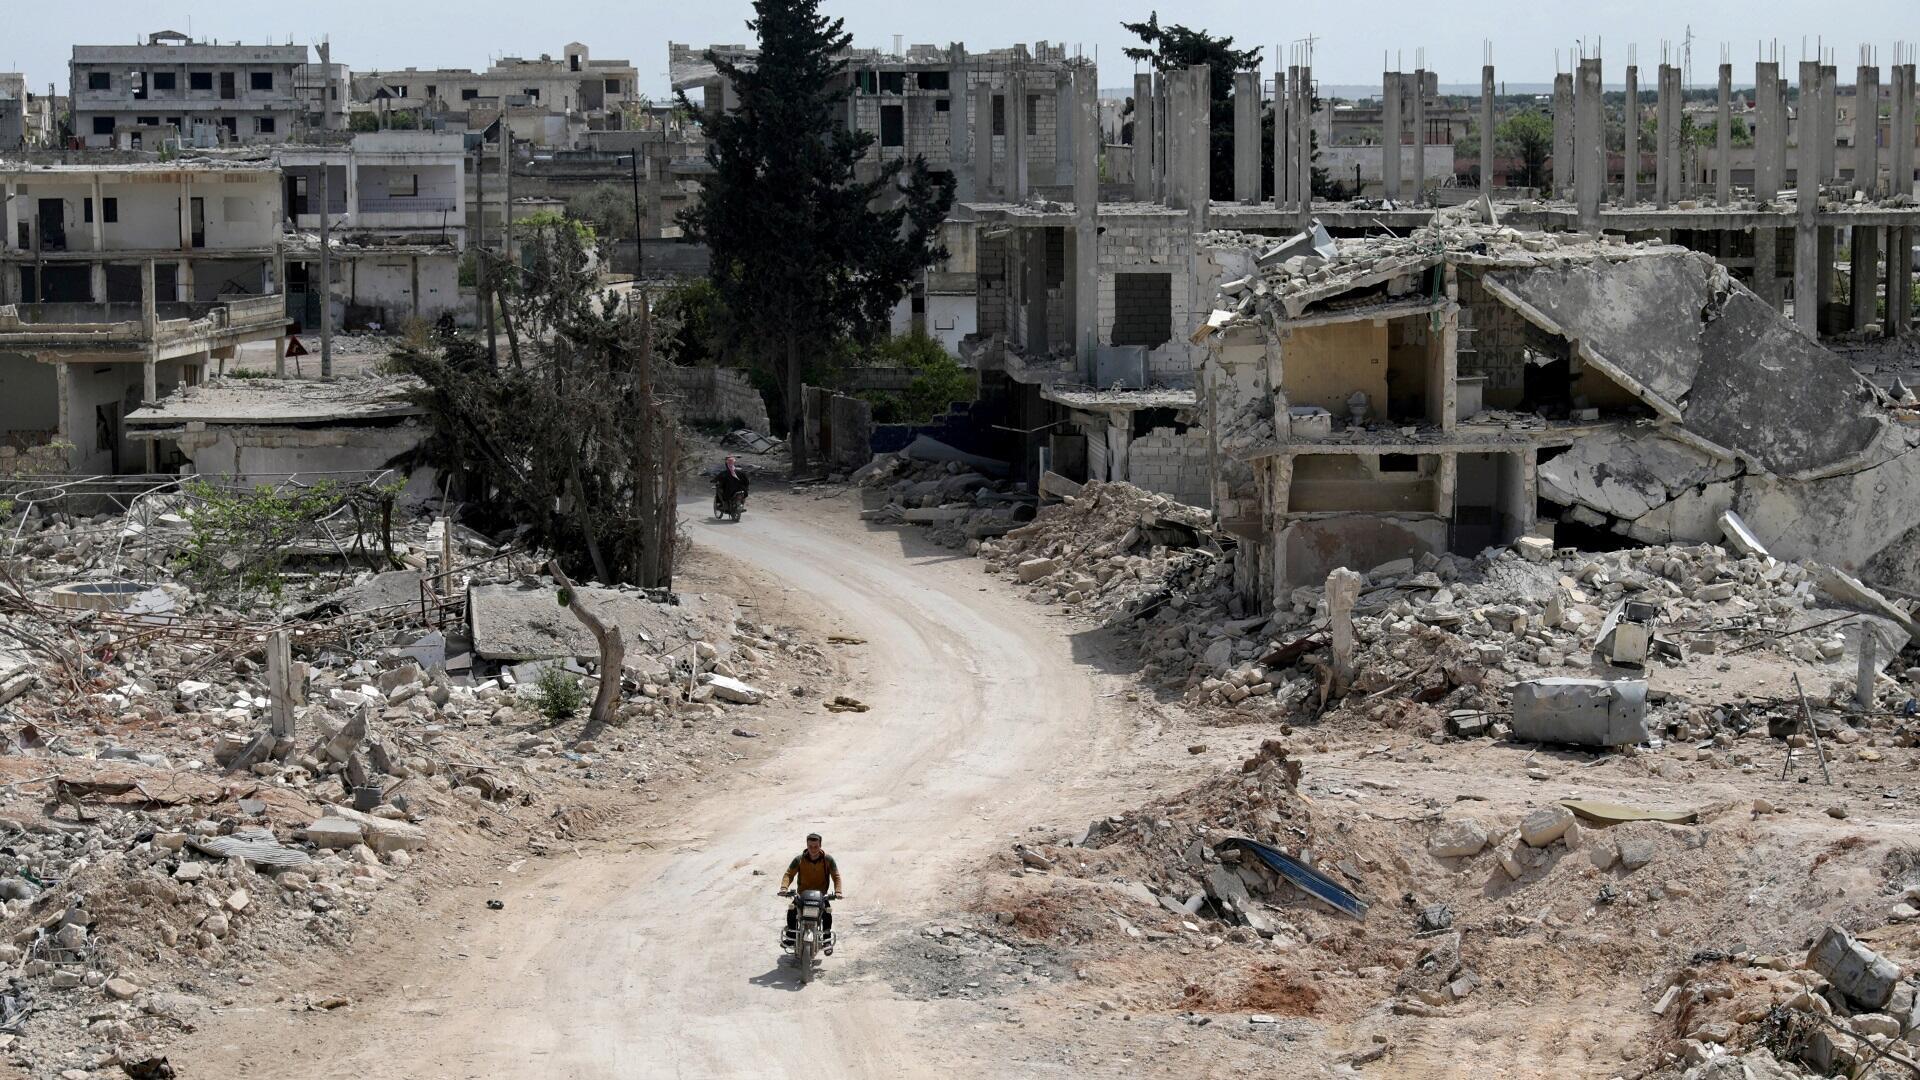 آثار الدمار الناجم عن القصف في بلدة النيرب بمحافظة إدلب شمال غرب سوريا، 17 أبريل/نيسان 2020.